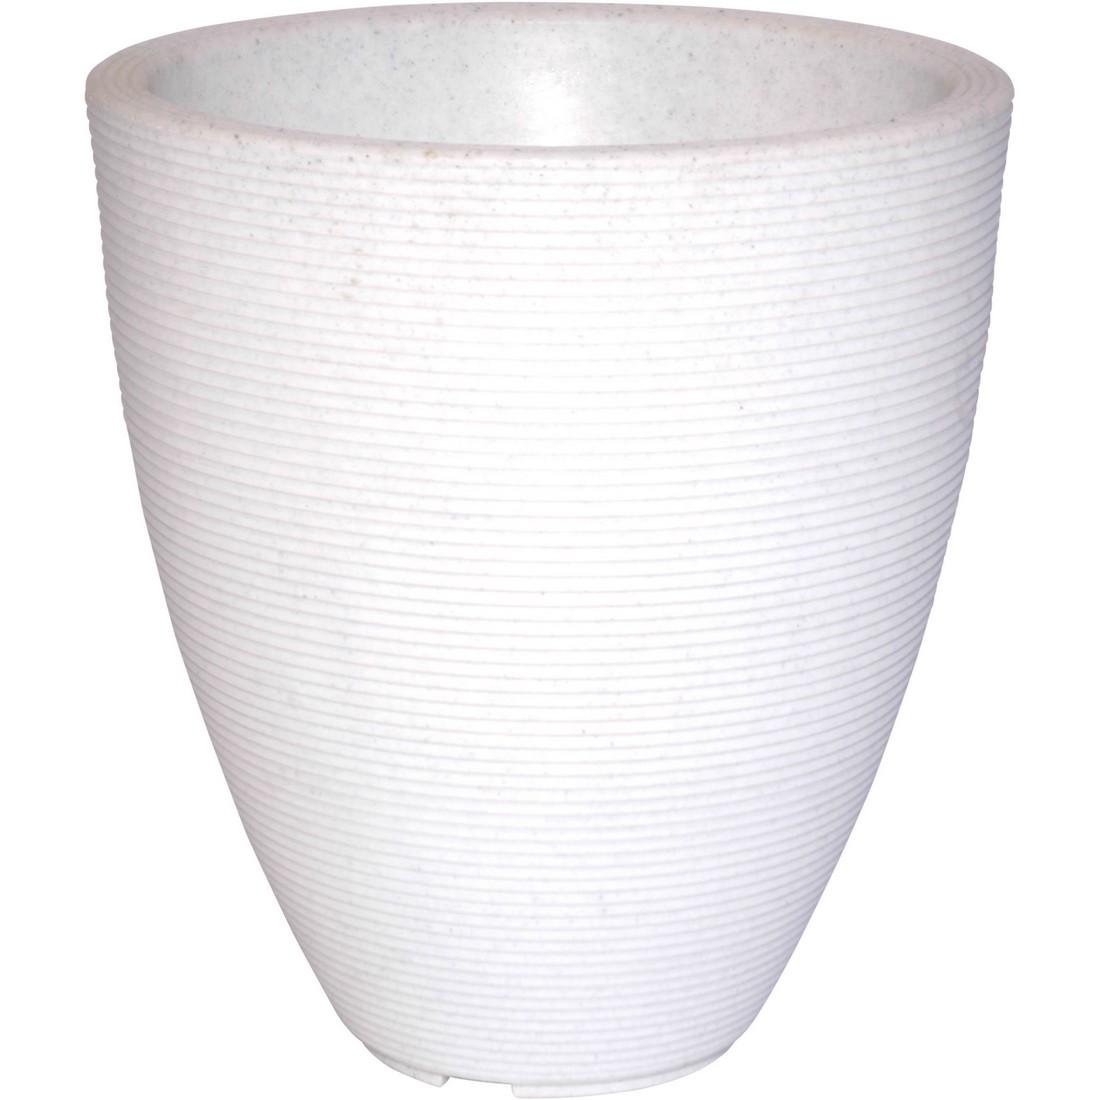 Pflanzkübel Marble – Kunststoff – Delano, Cresent Garden günstig kaufen